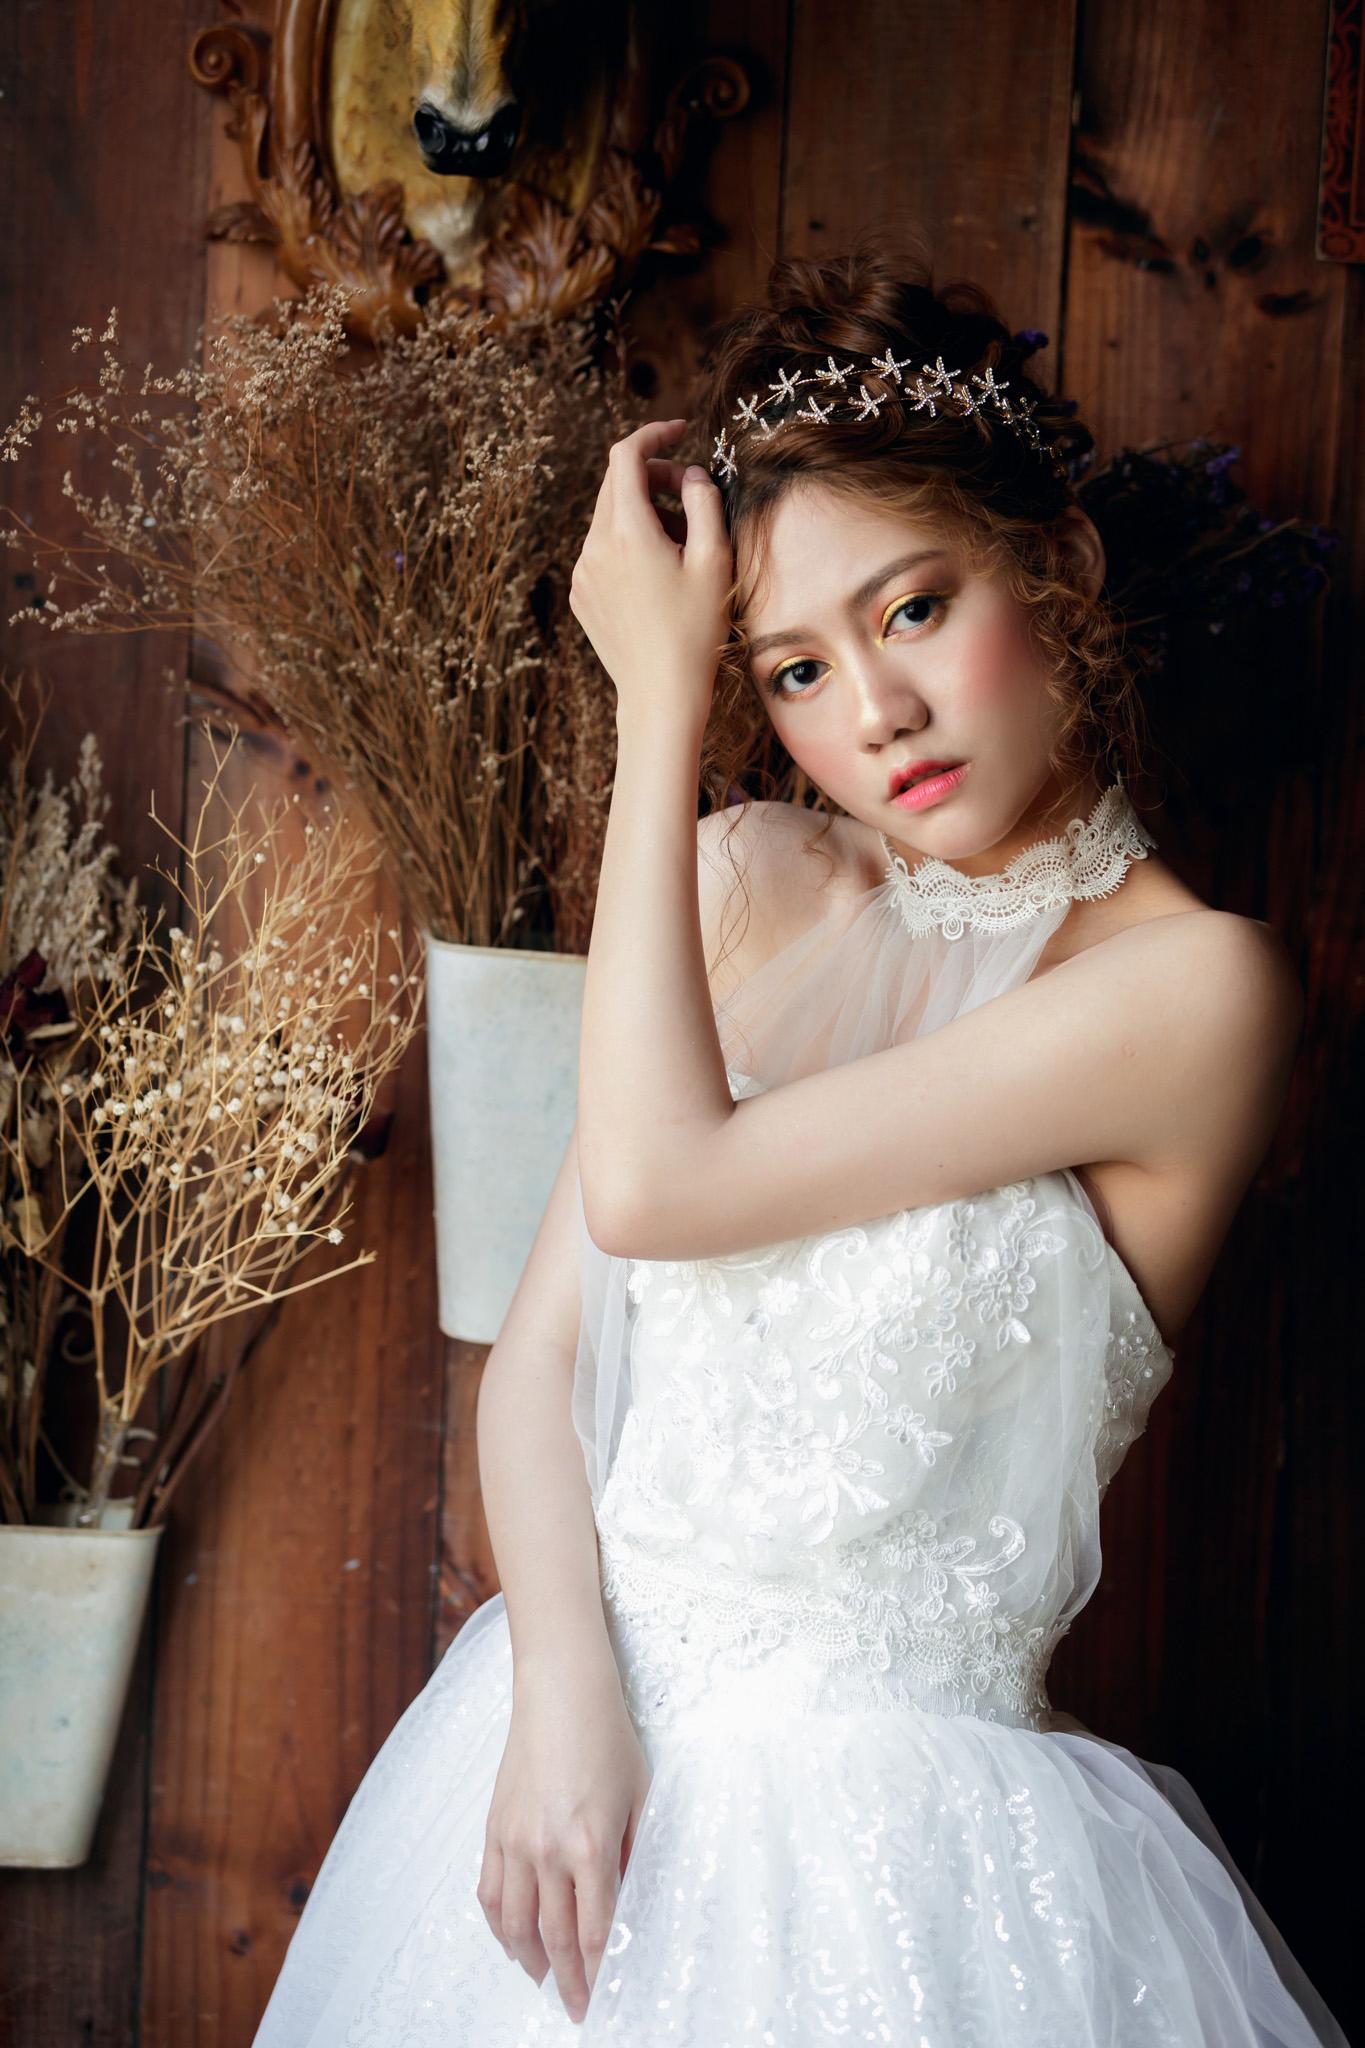 高雄自助婚紗, 婚紗, 婚攝森森, 高雄婚攝, 梵帝雅攝影棚